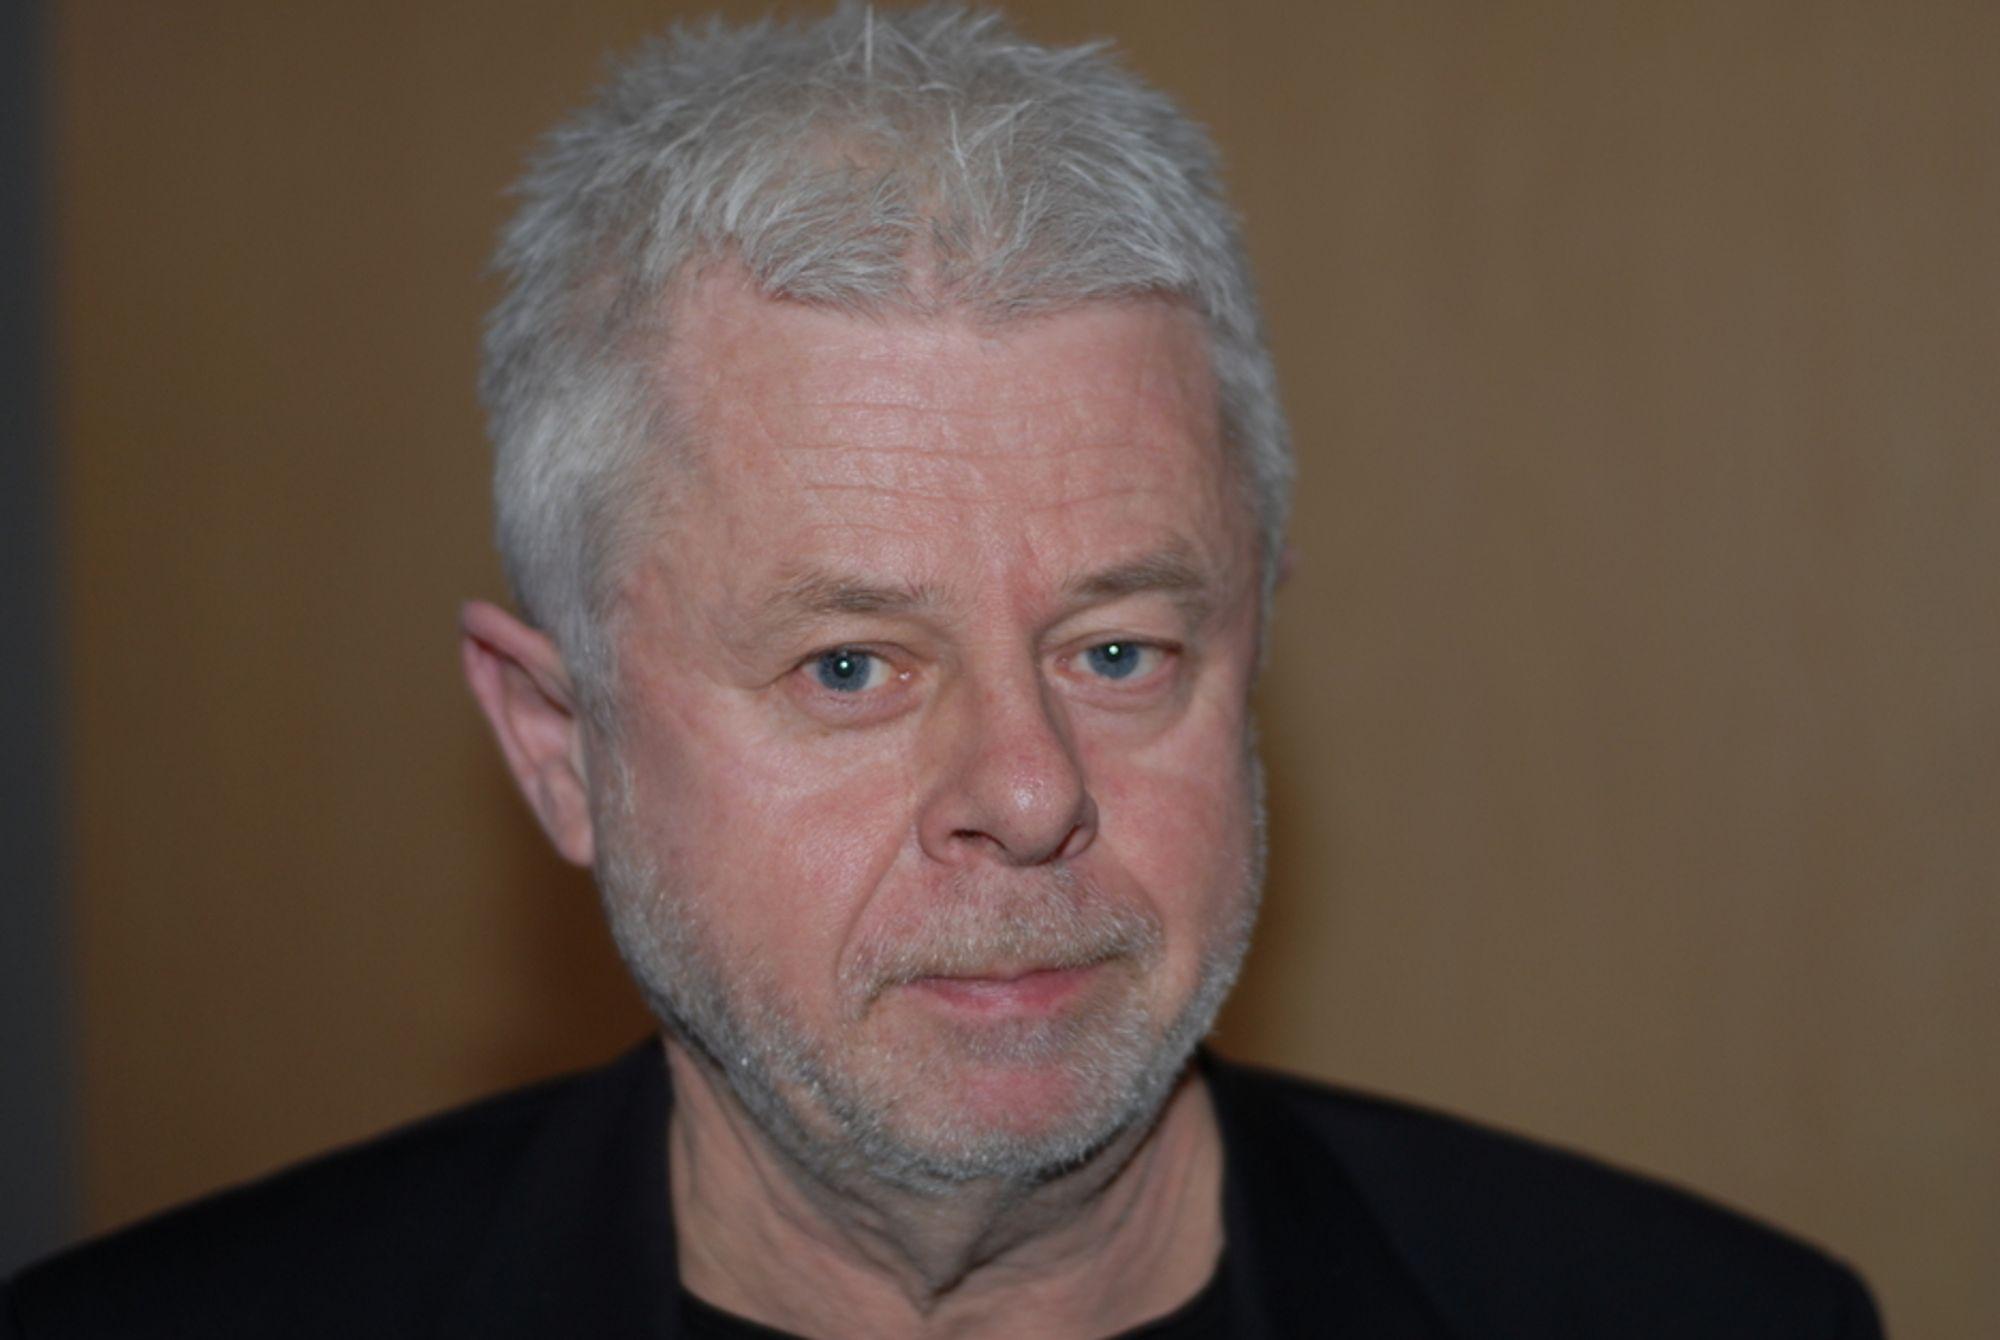 INGEN PLANER: NVE vil ikke lage noen samlet, regional plan for vindkraftutbygging. - Det er fylkenes egen jobb, sier seksjonssjef Arne Olsen i NVE.